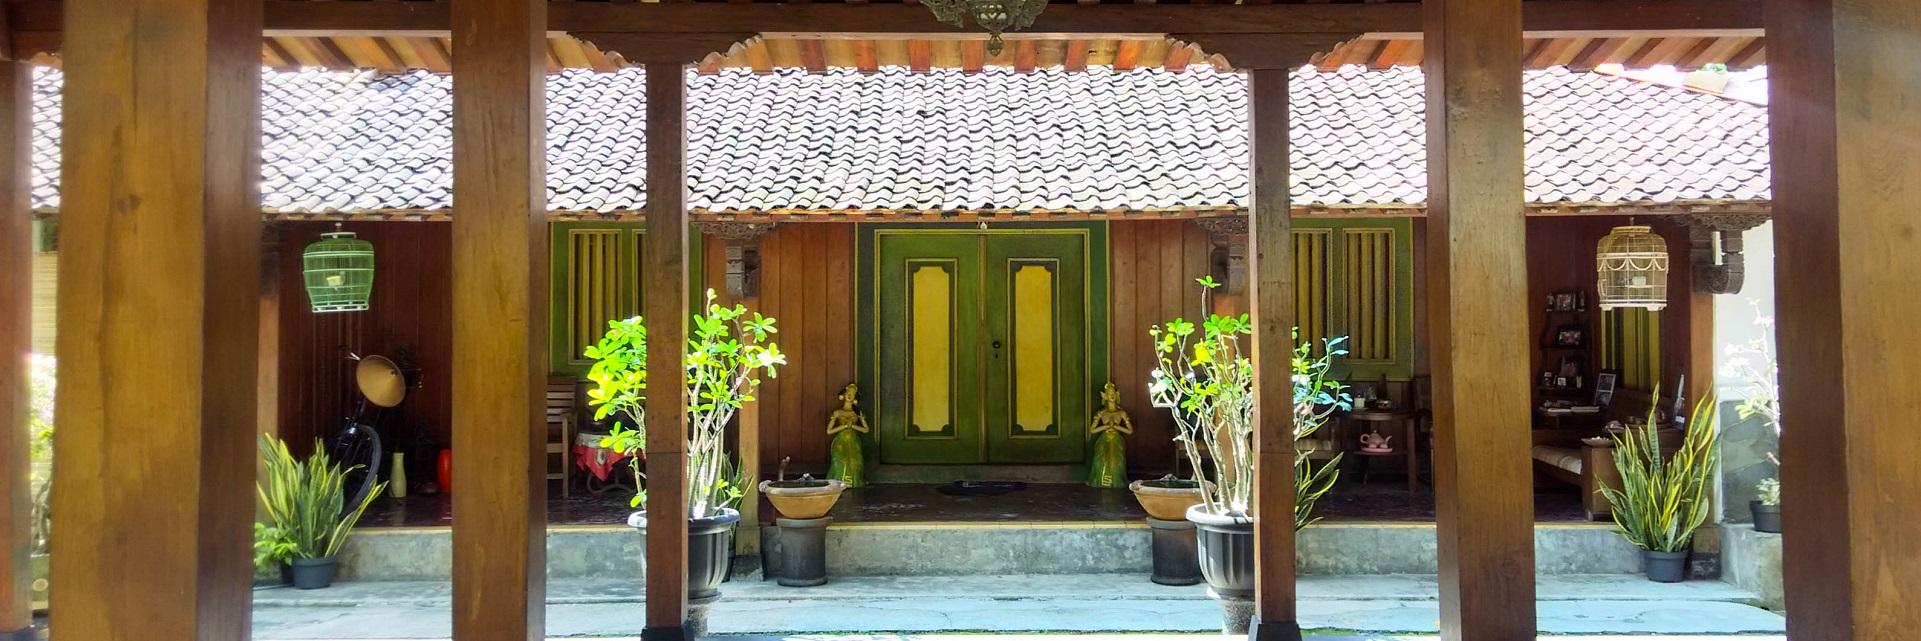 Jogja Jadul, Yogyakarta, Dolan Dolen, Dolaners Jogja Jadul by Susilo Budi Prakoso - Dolan Dolen